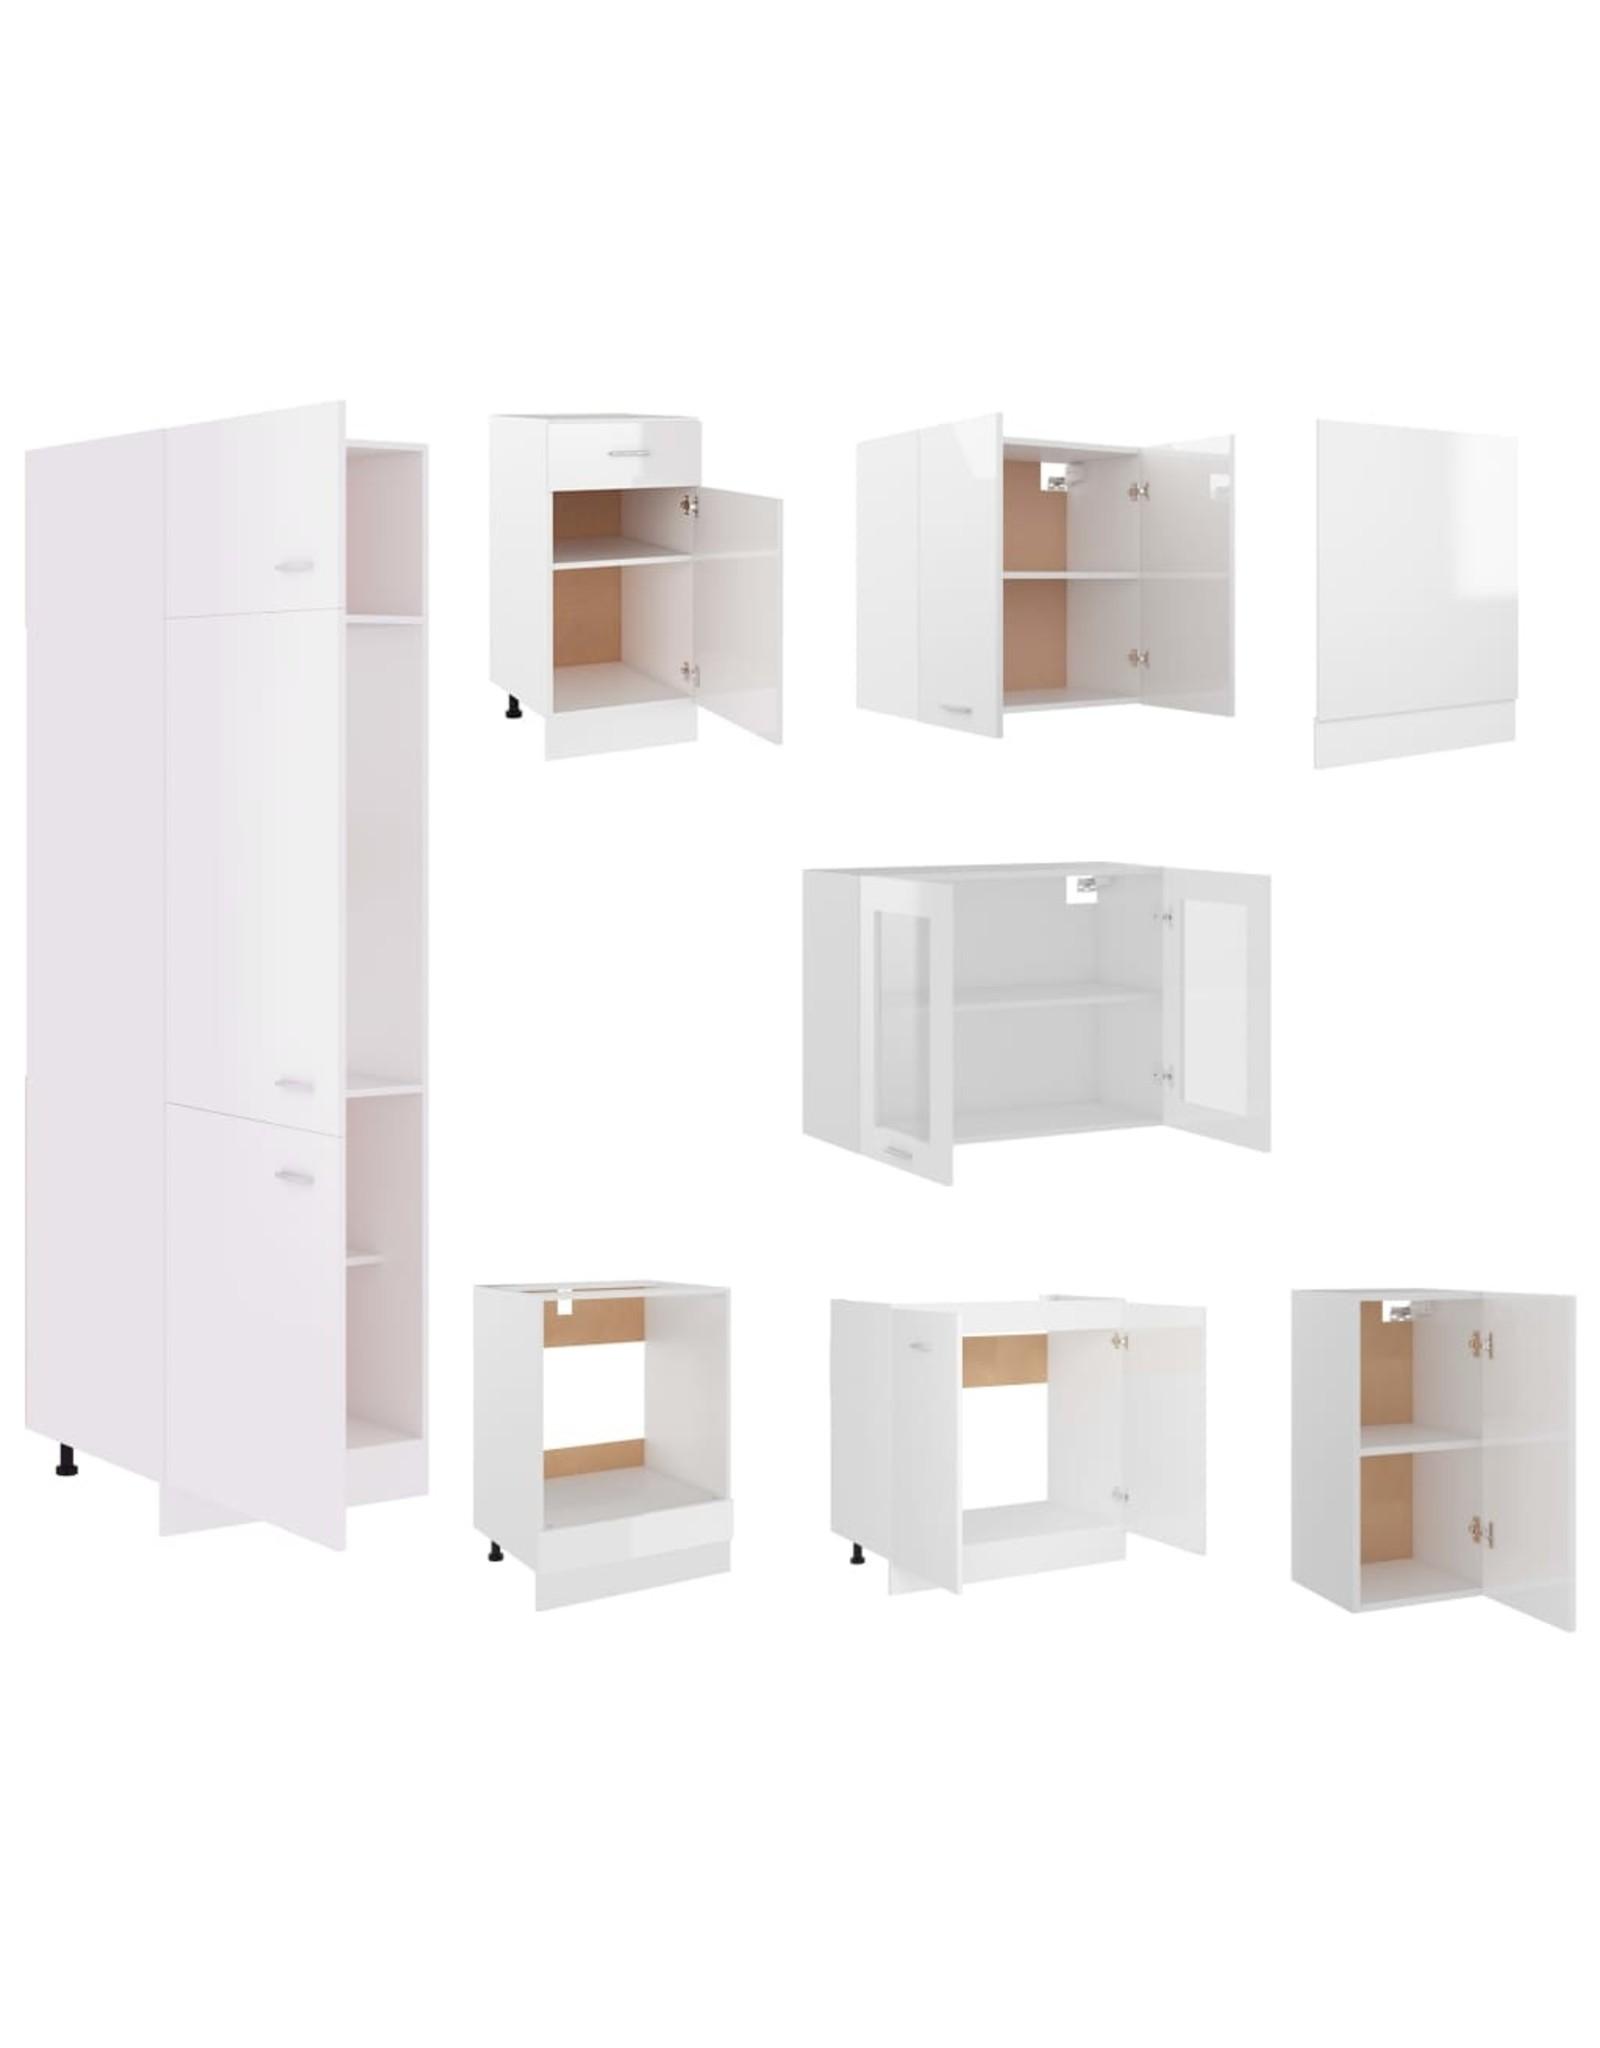 8-delige Keukenkastenset spaanplaat hoogglans wit